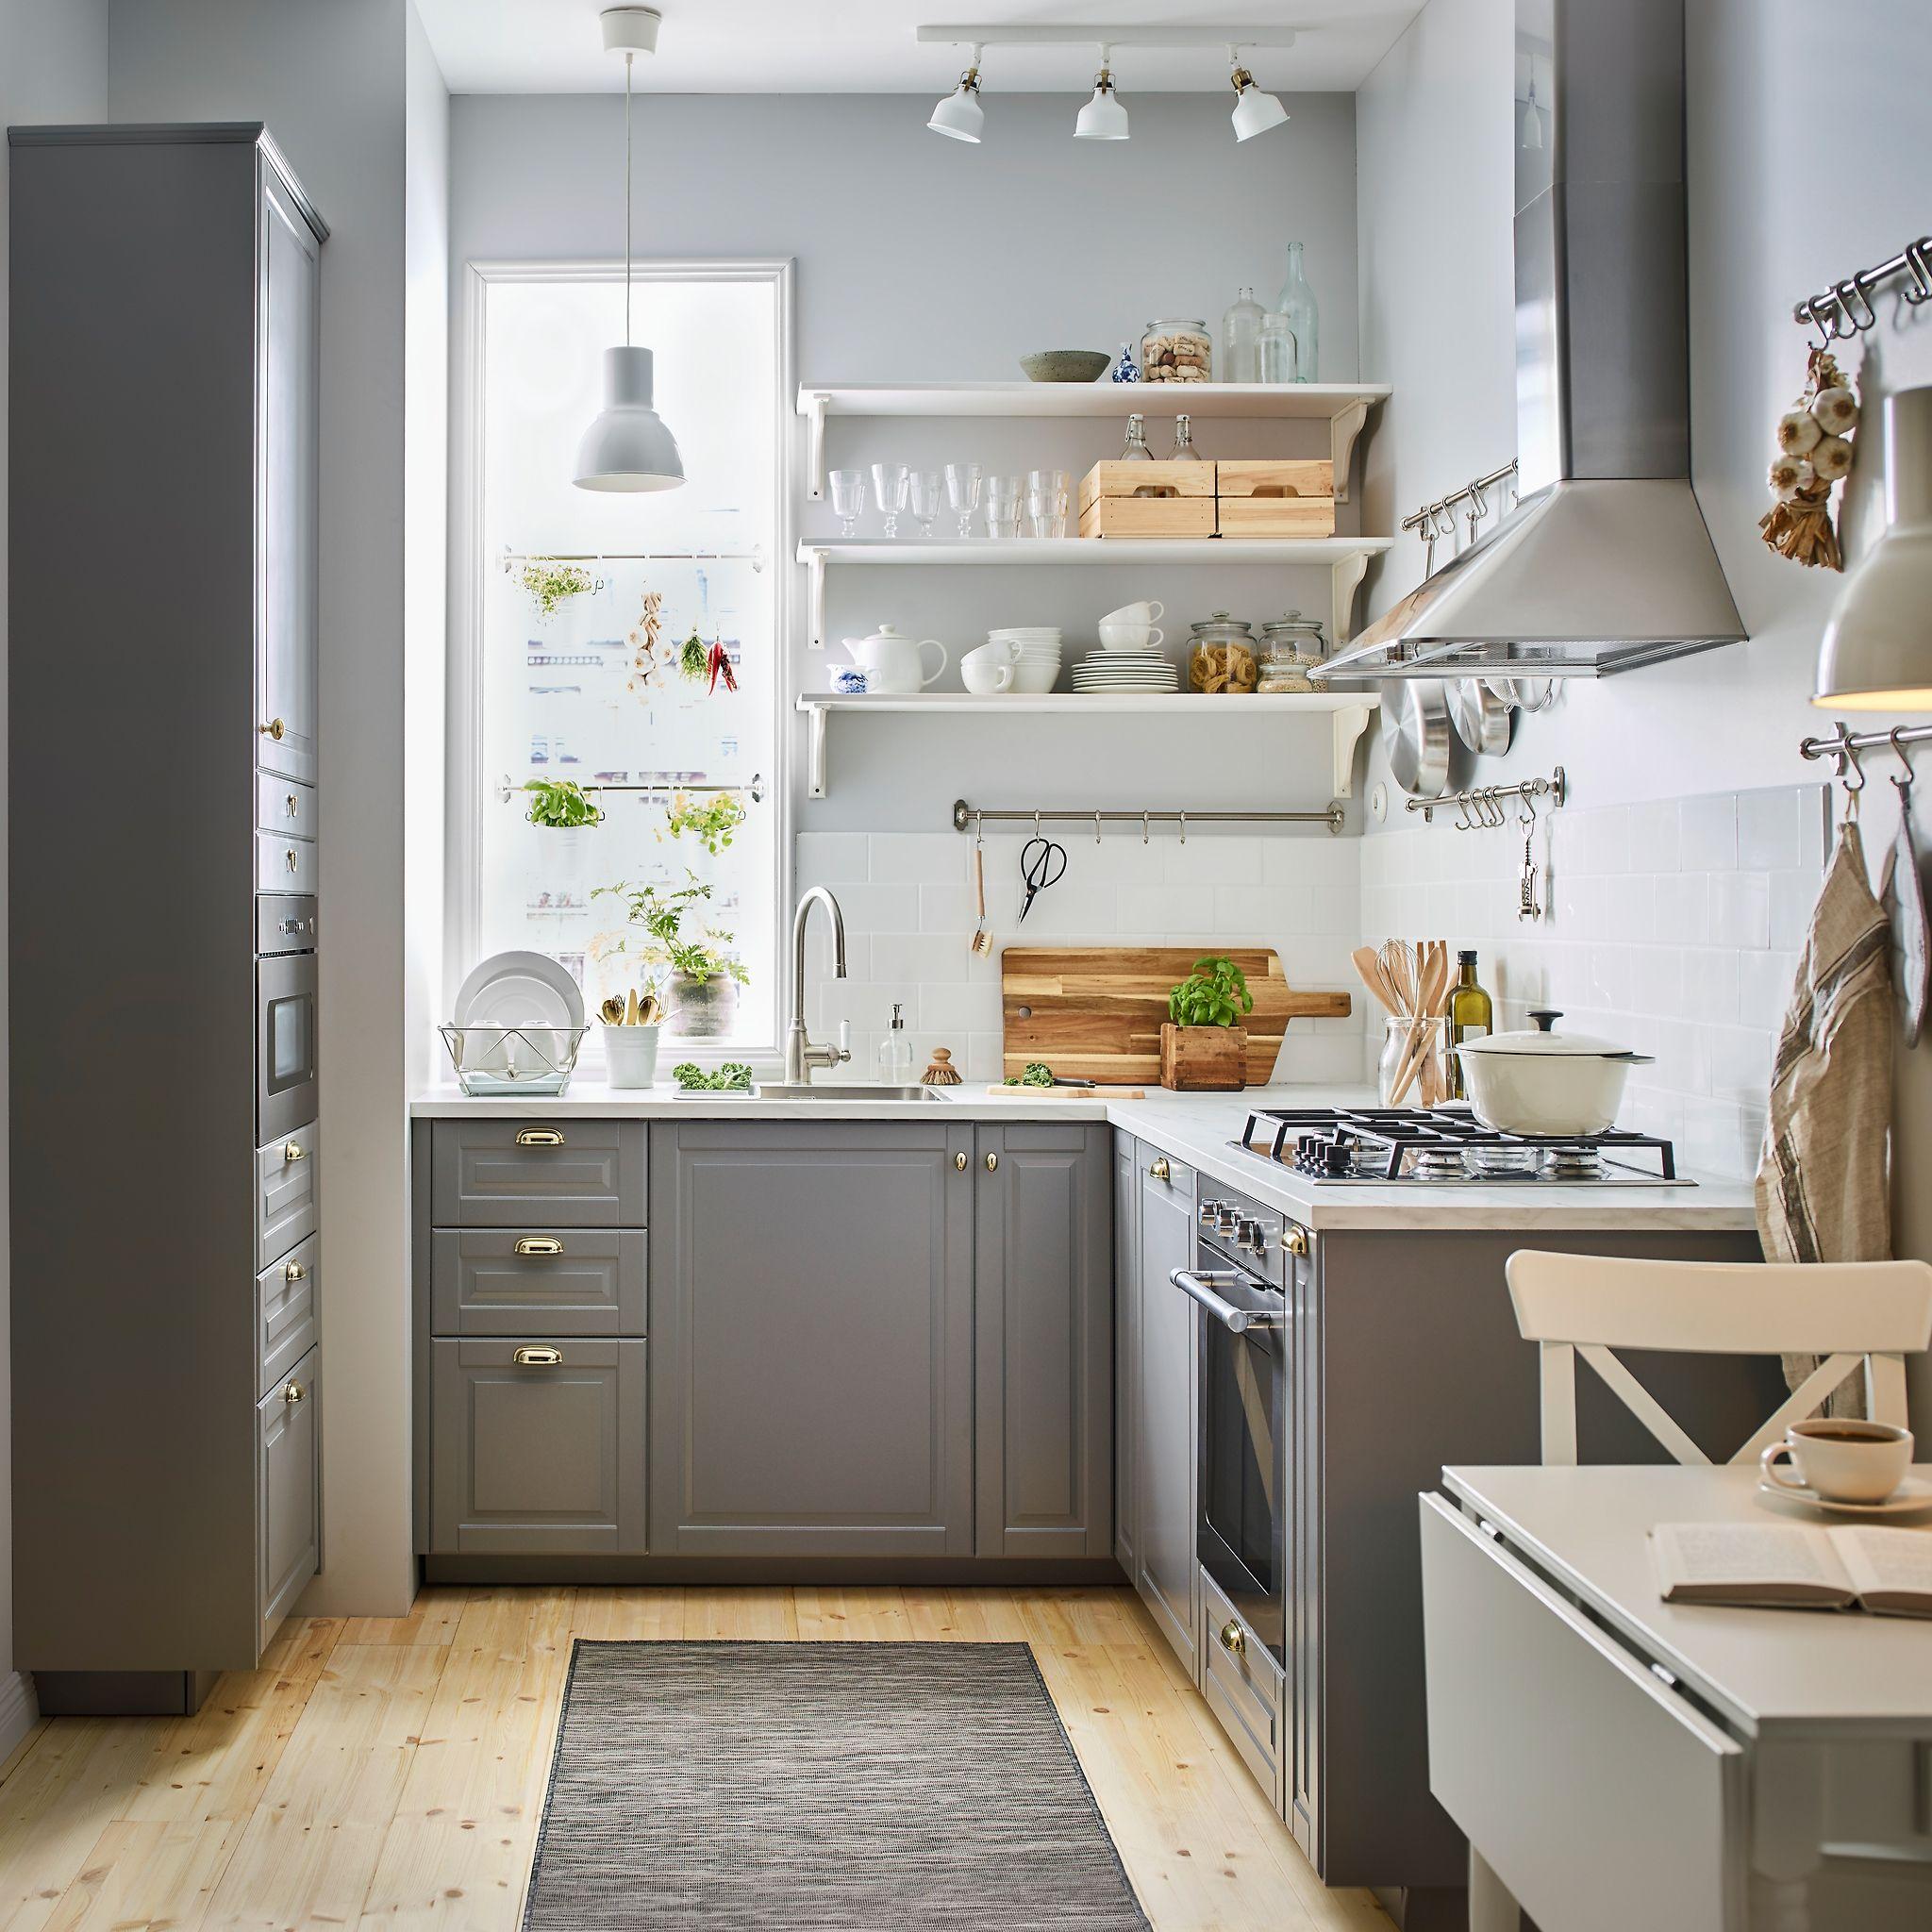 Großzügig Küche Und Bad Speichert Dayton Ohio Zeitgenössisch - Ideen ...